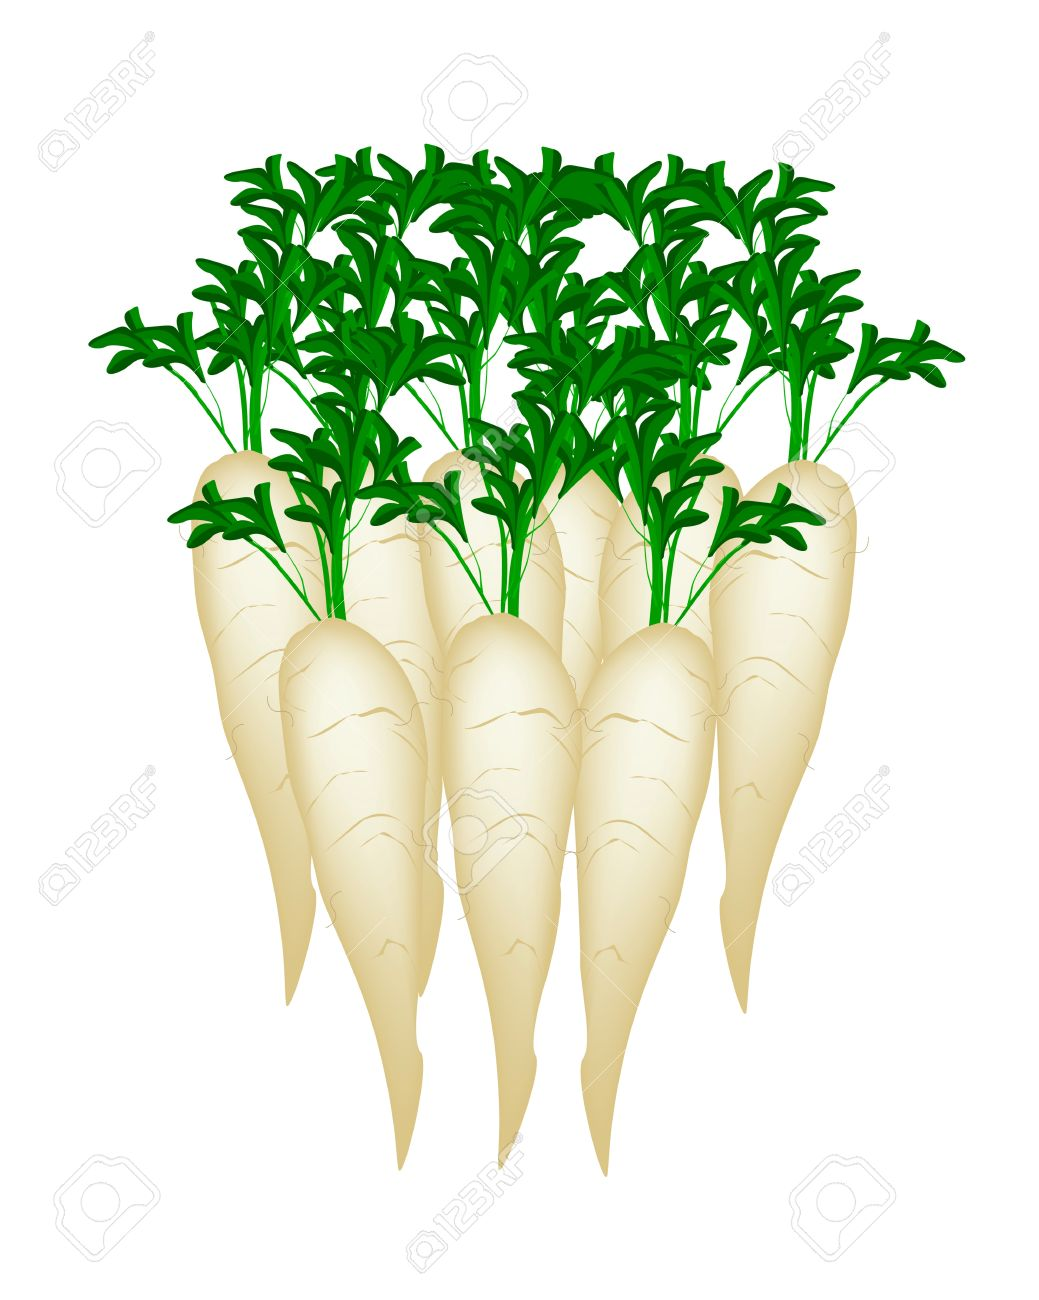 Vector Illustration Of Fresh White Radishes, Chinese Radish.